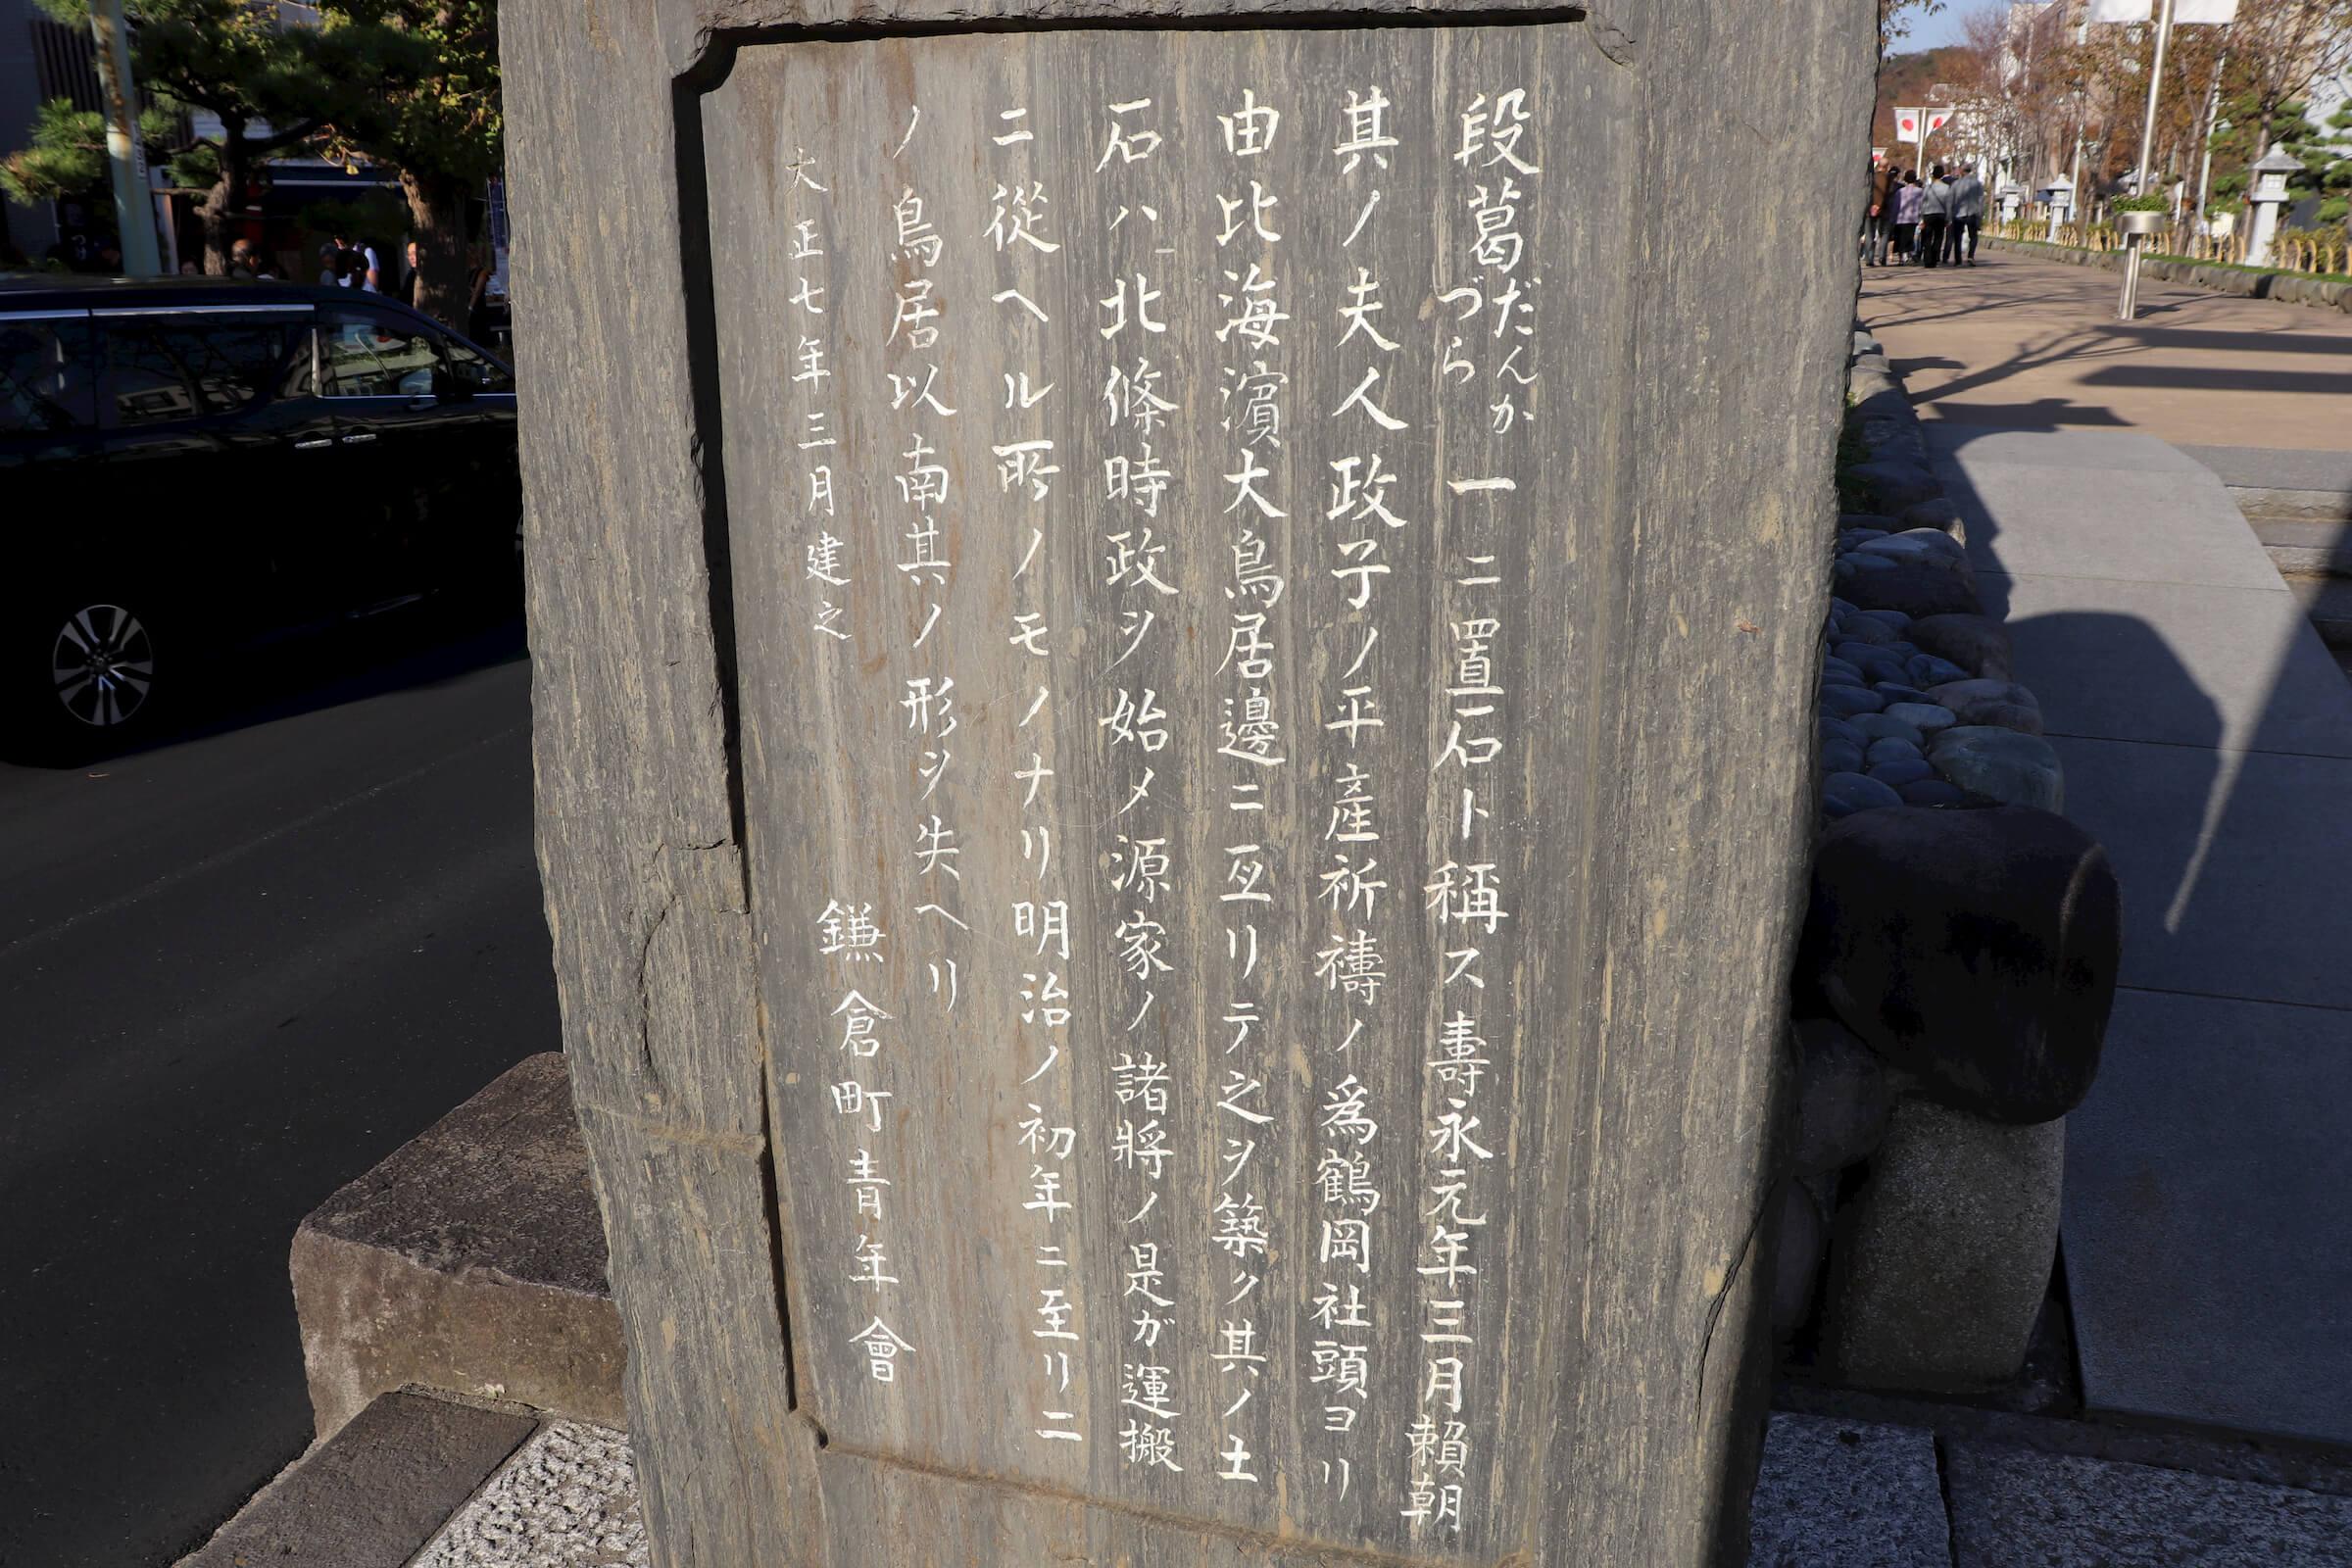 段葛の石碑の文字